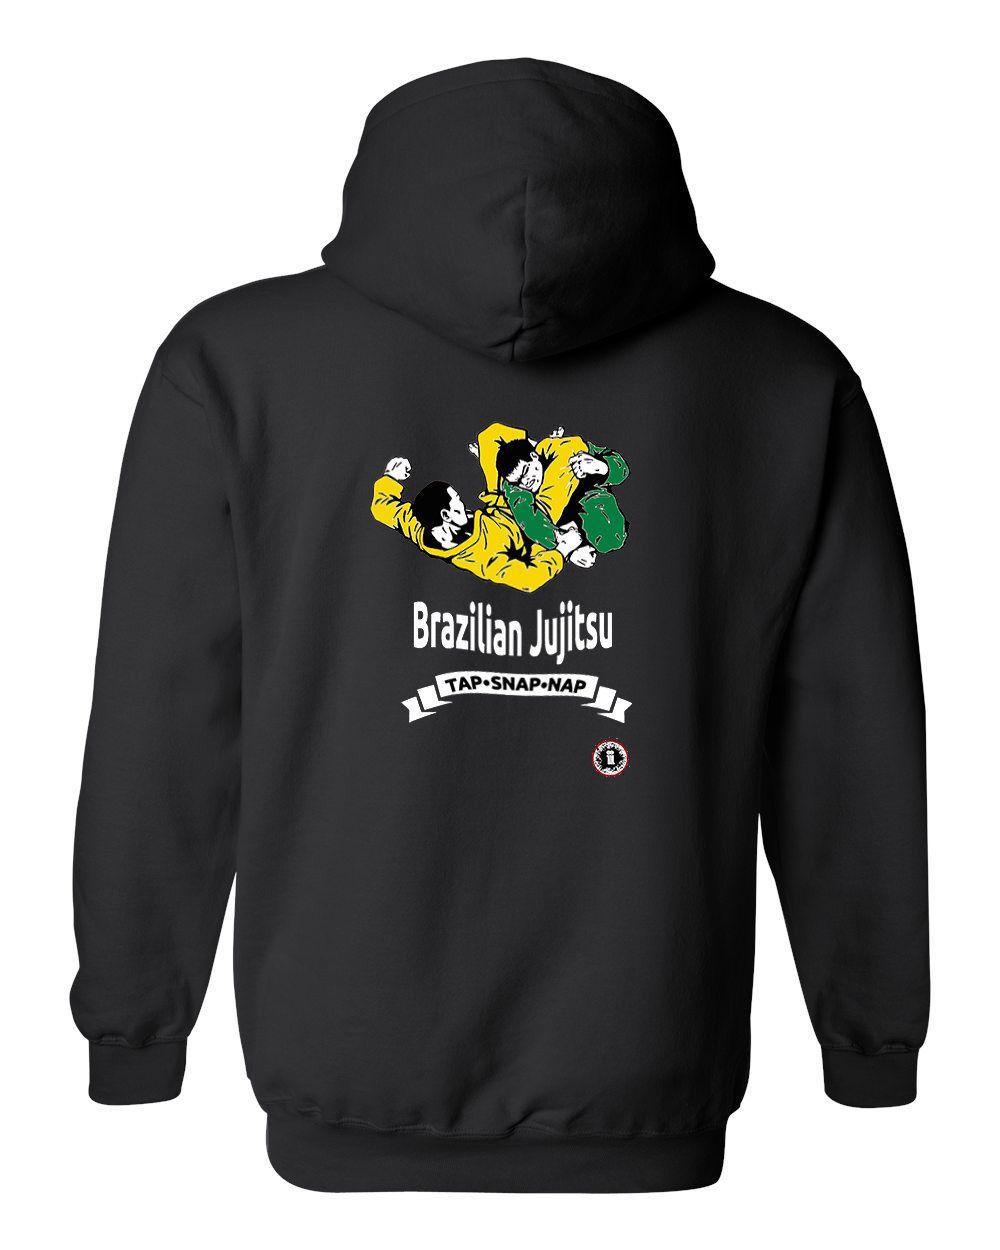 Brazilian jiu jitsu tap snap nap hoodie black mma bjj